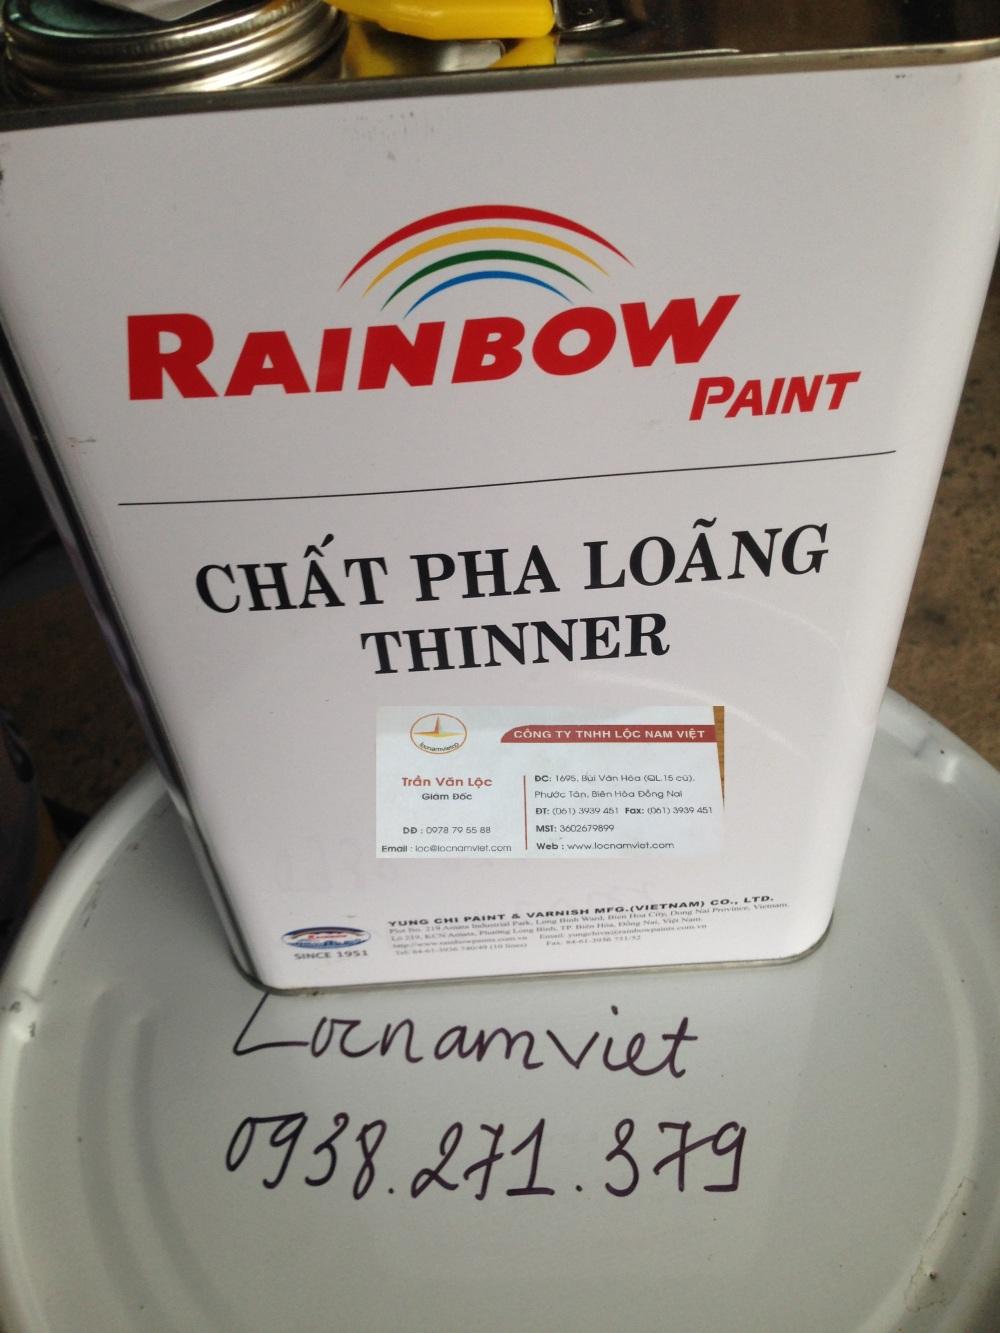 CHAT PHA LOANG RAINBOW